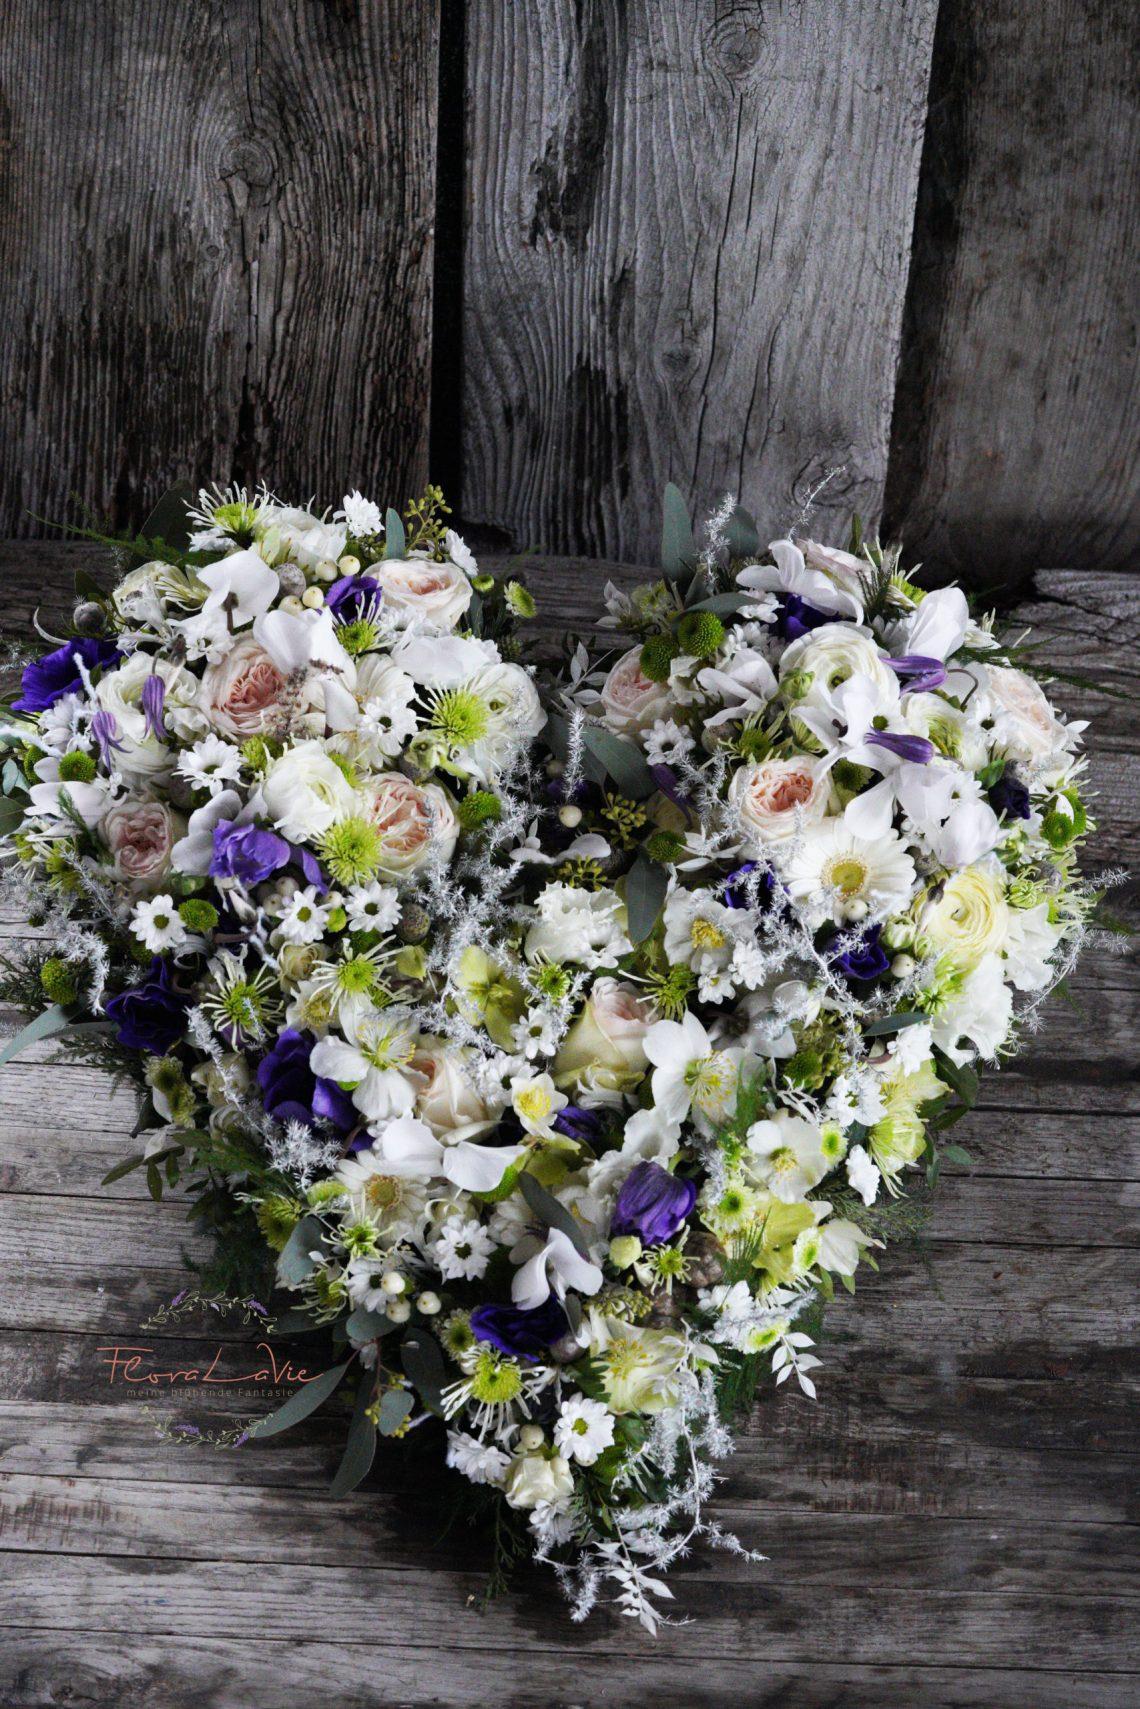 Blumenschmuck für Trauerfall